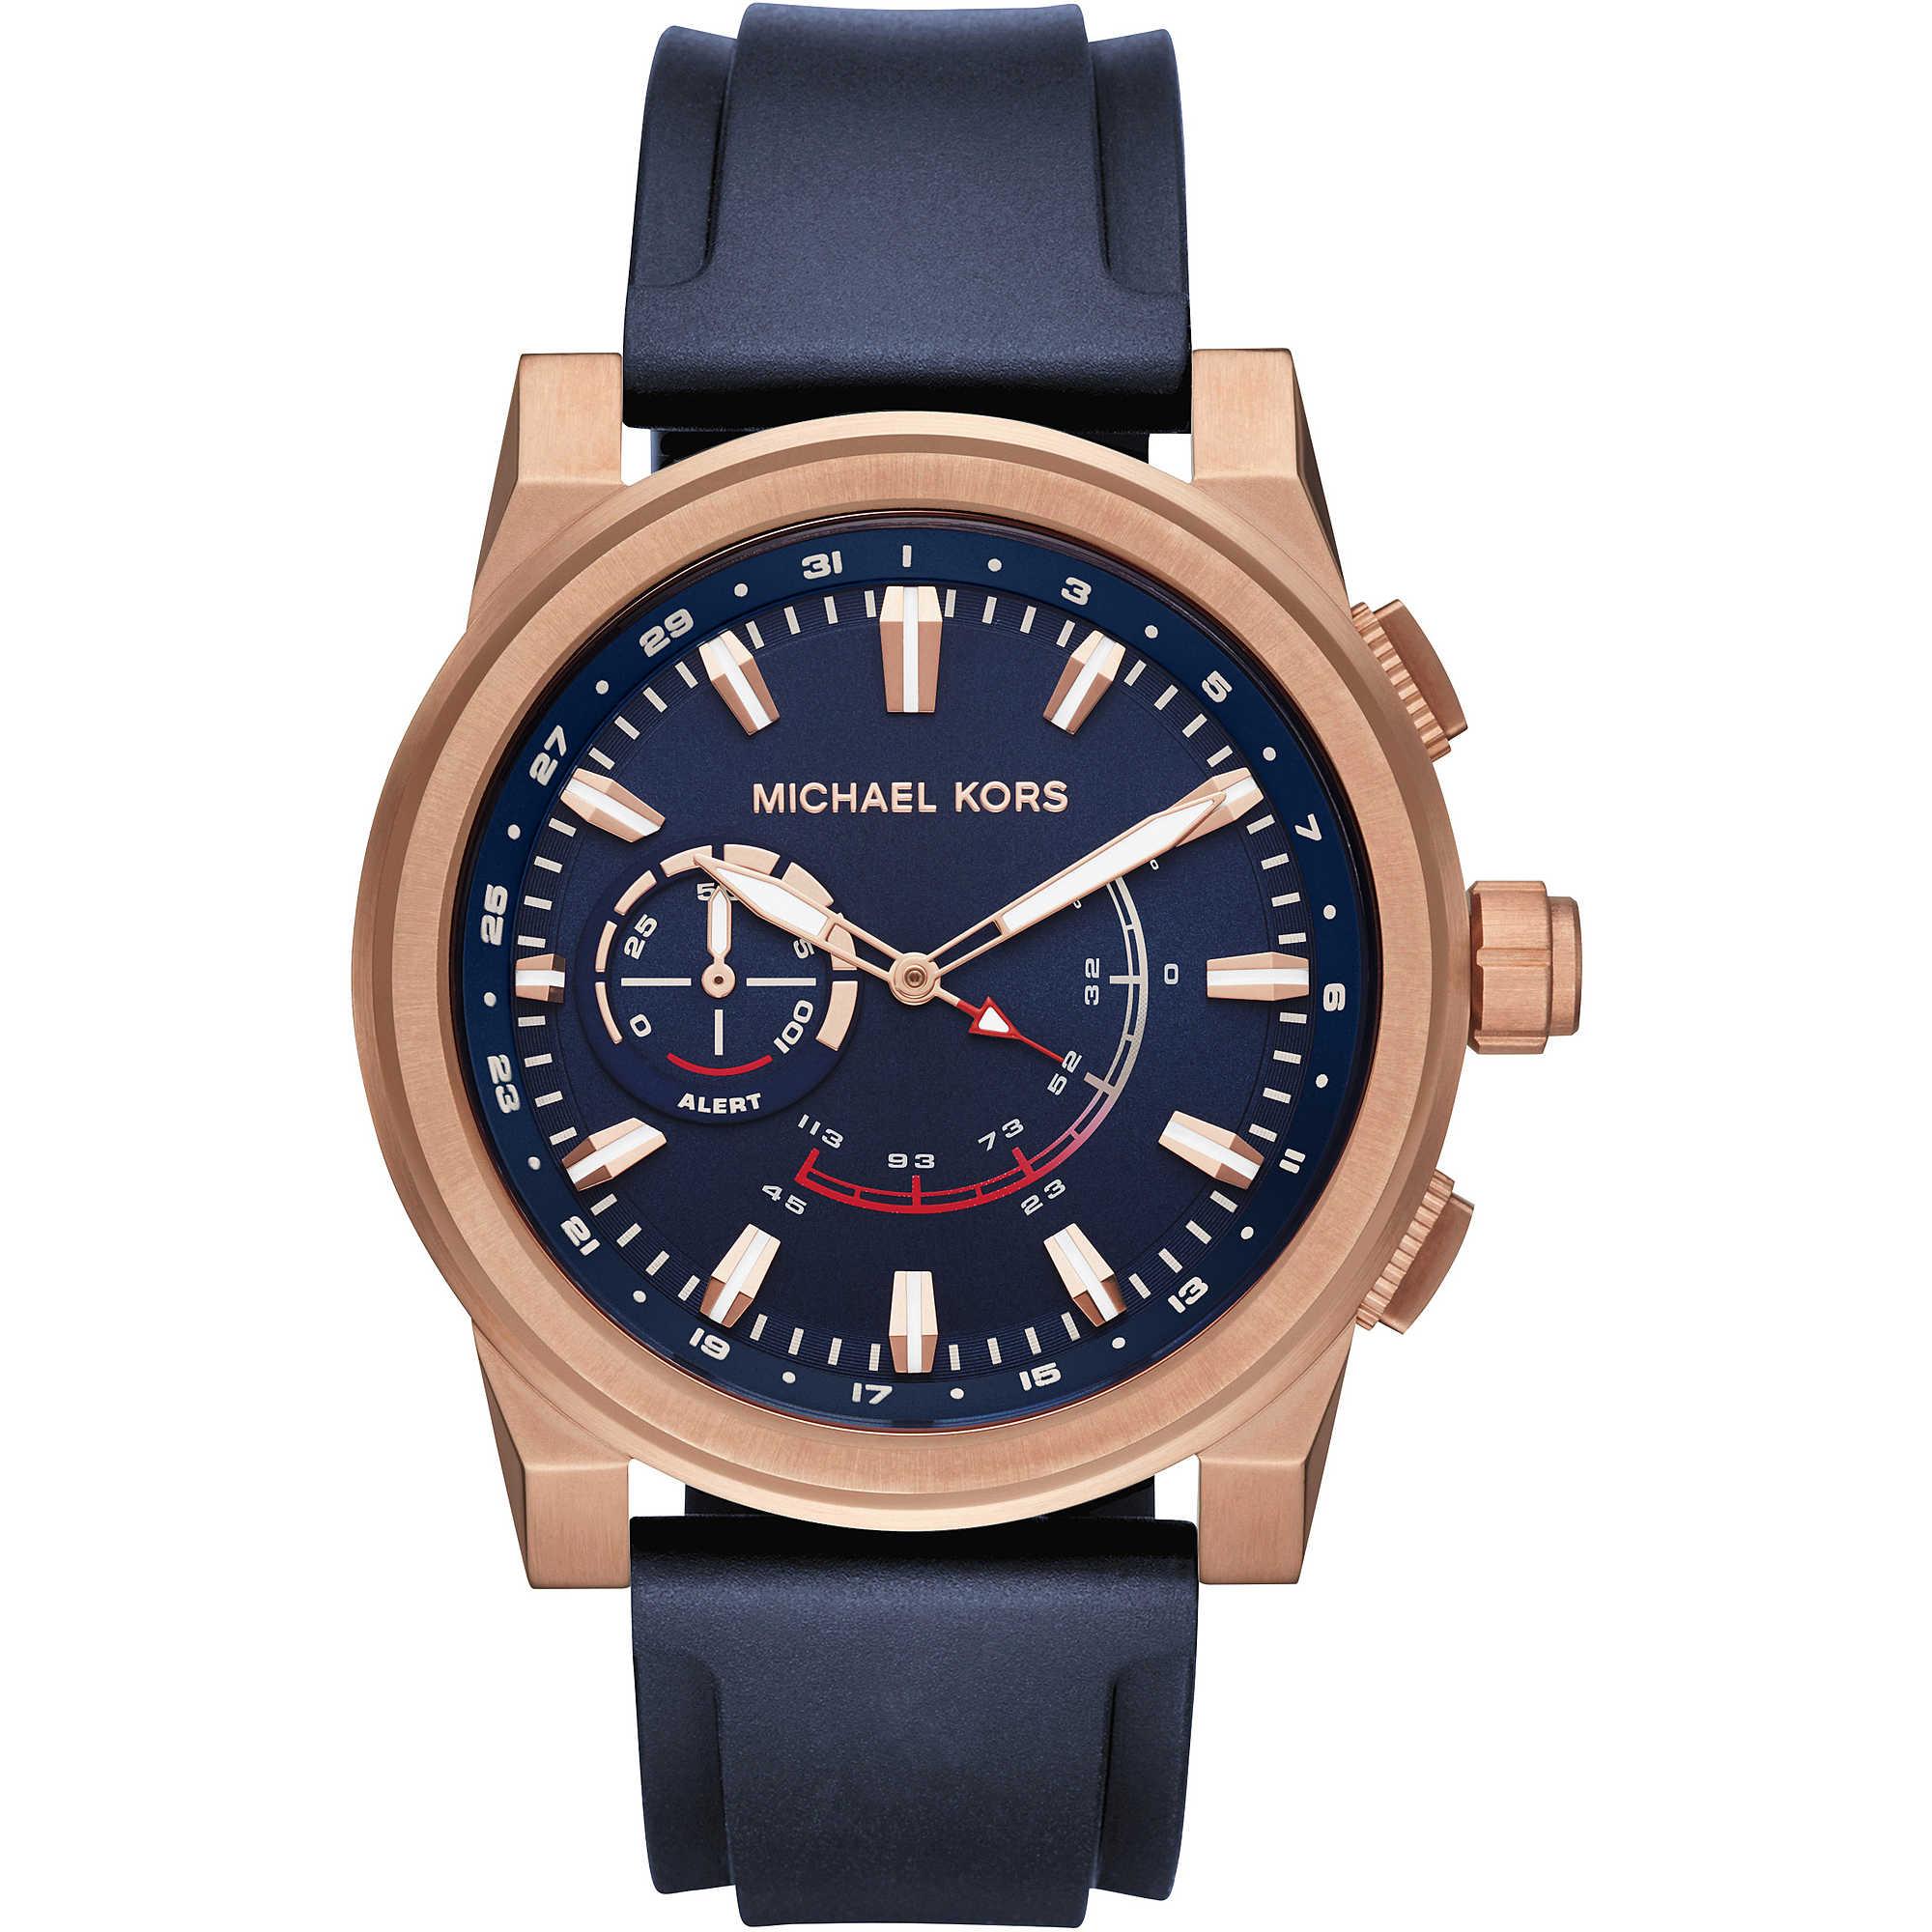 e297b7de5caff orologio Smartwatch uomo Michael Kors Grayson MKT4012 Smartwatches ...